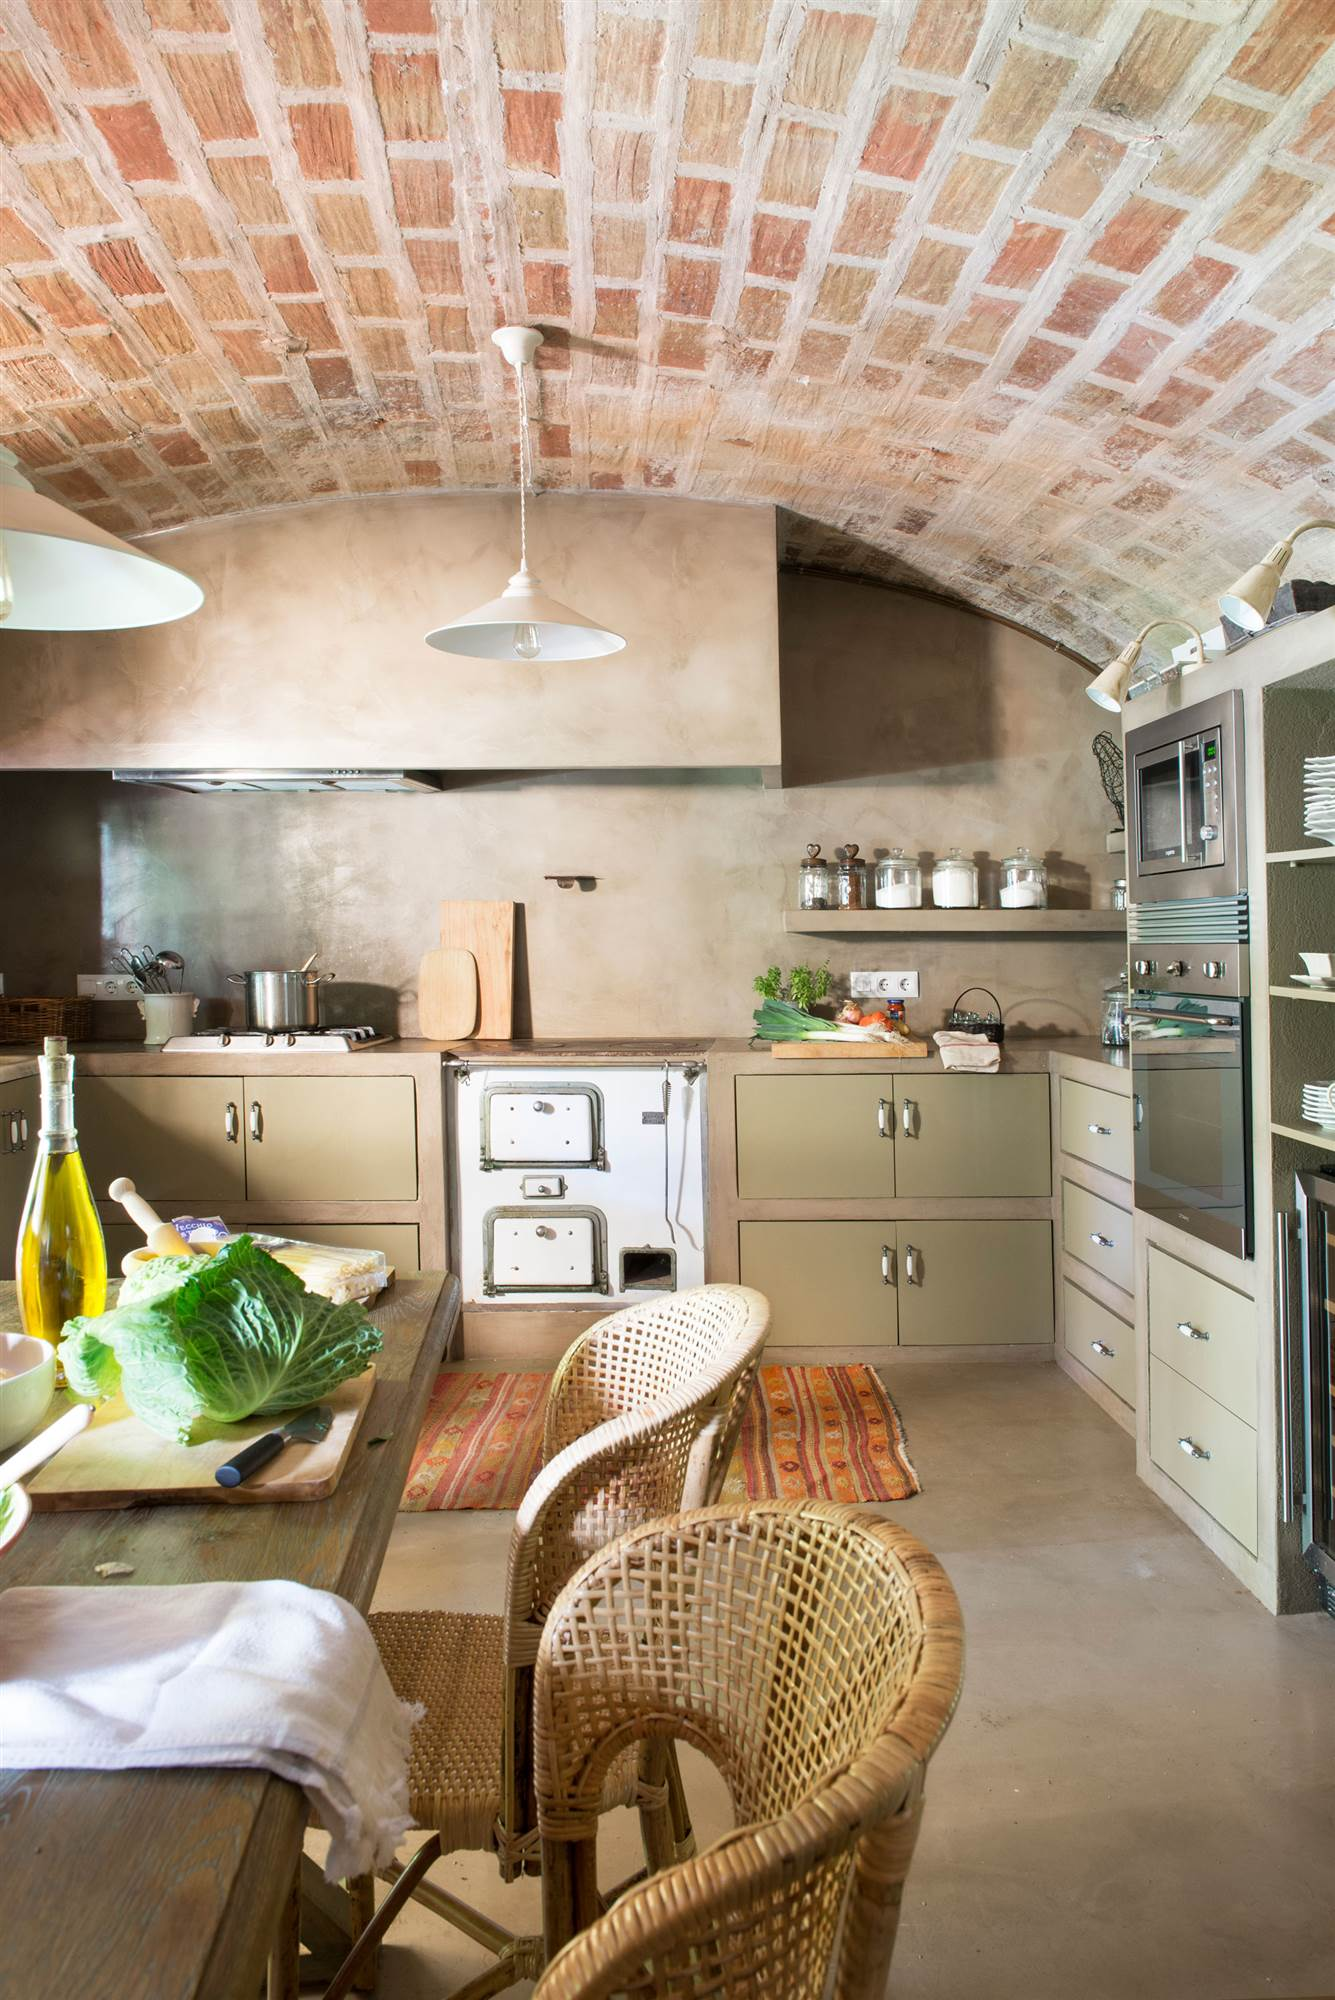 Cocinas muebles decoraci n dise o blancas o peque as for Terrazas rusticas techadas